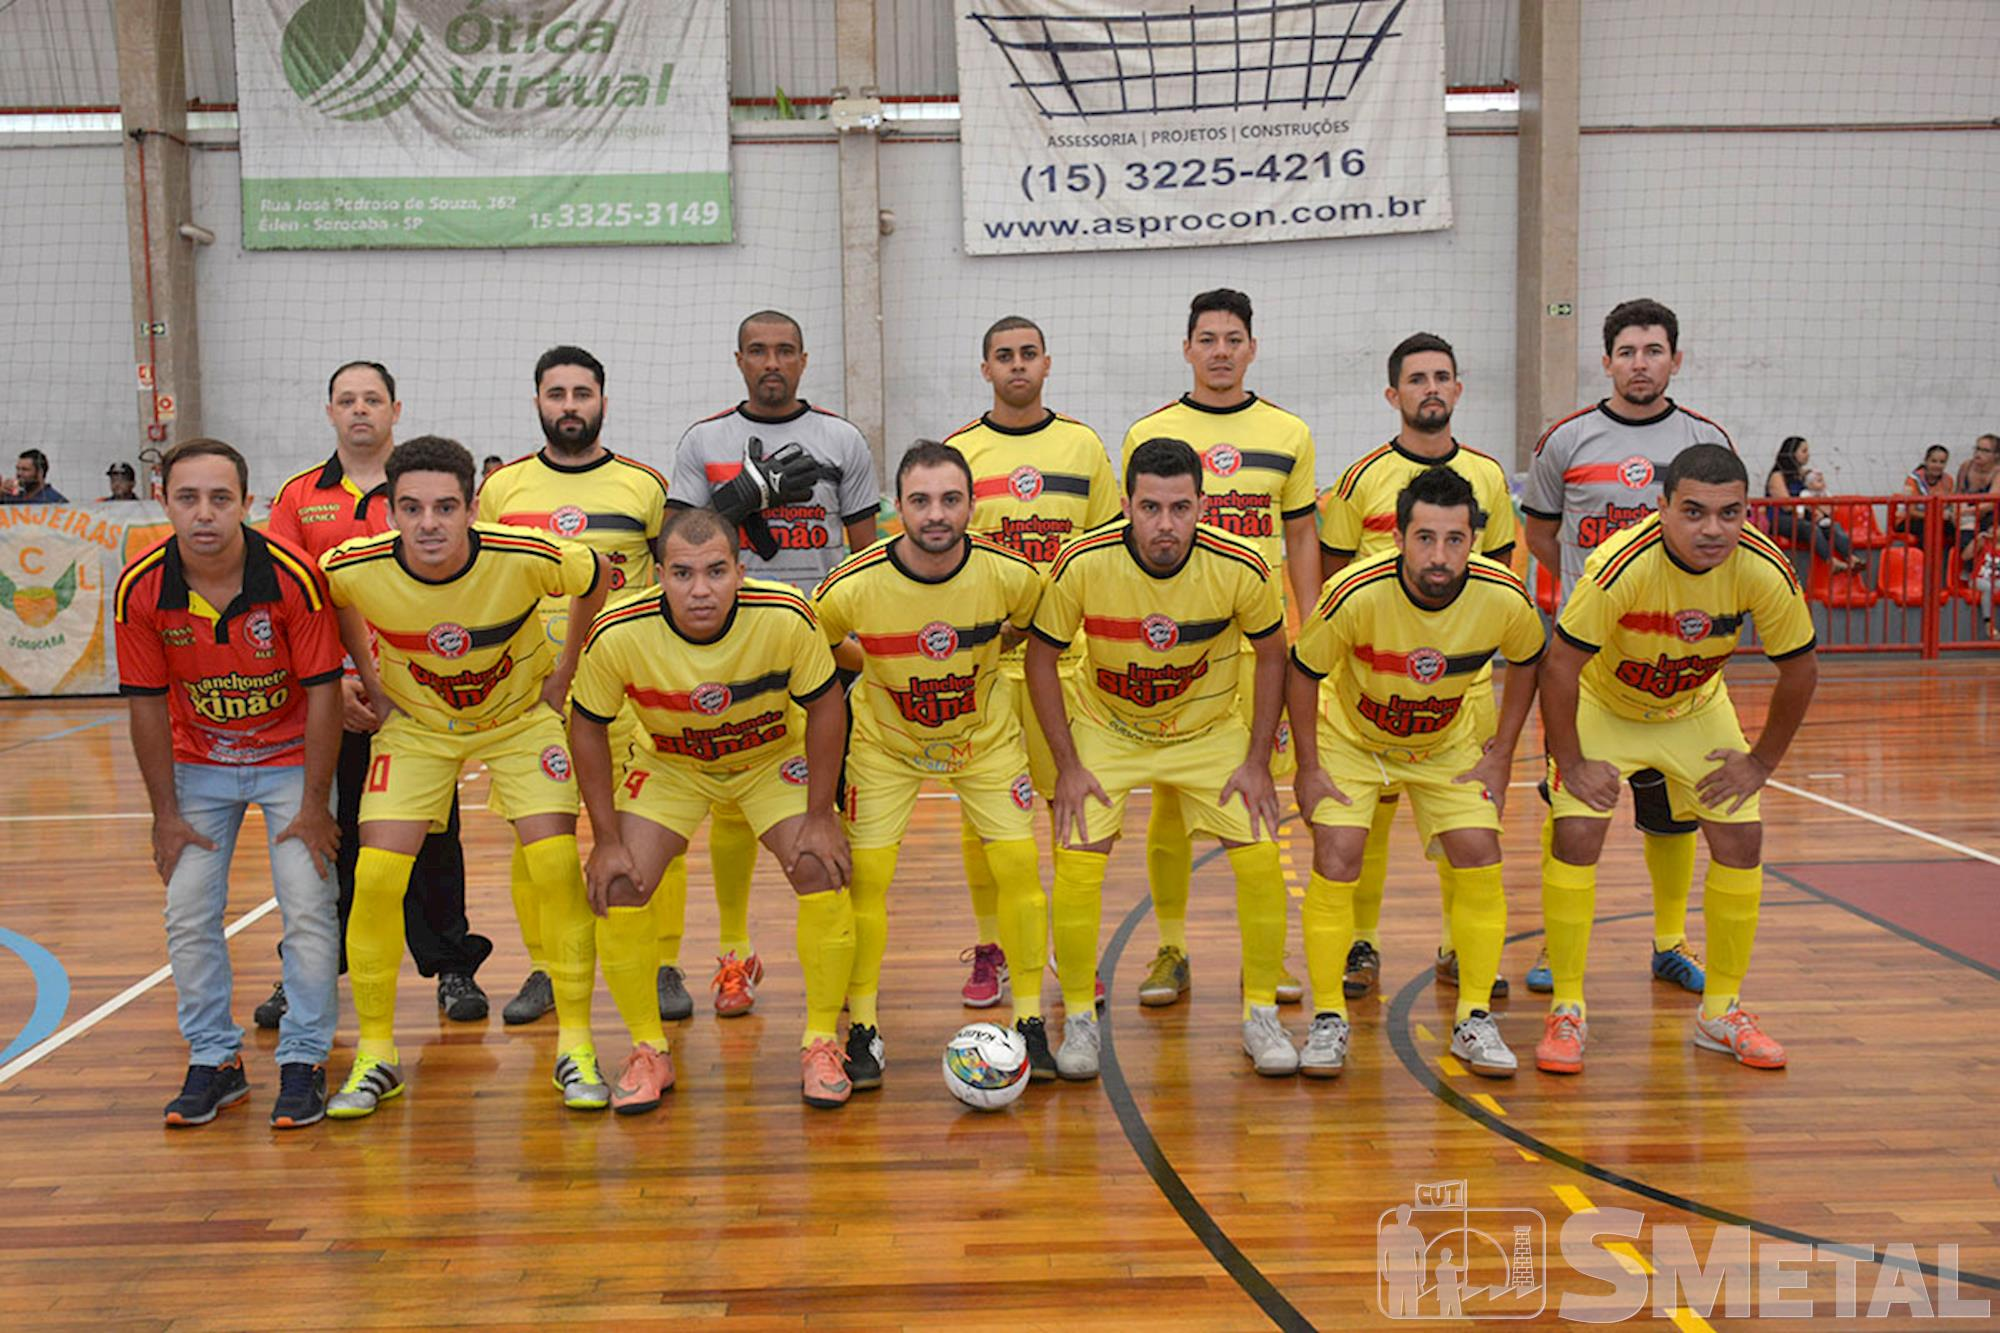 Equipe vice-campeã Lanchonete Skinão, Final da 12ª Taça Papagaio do SMetal